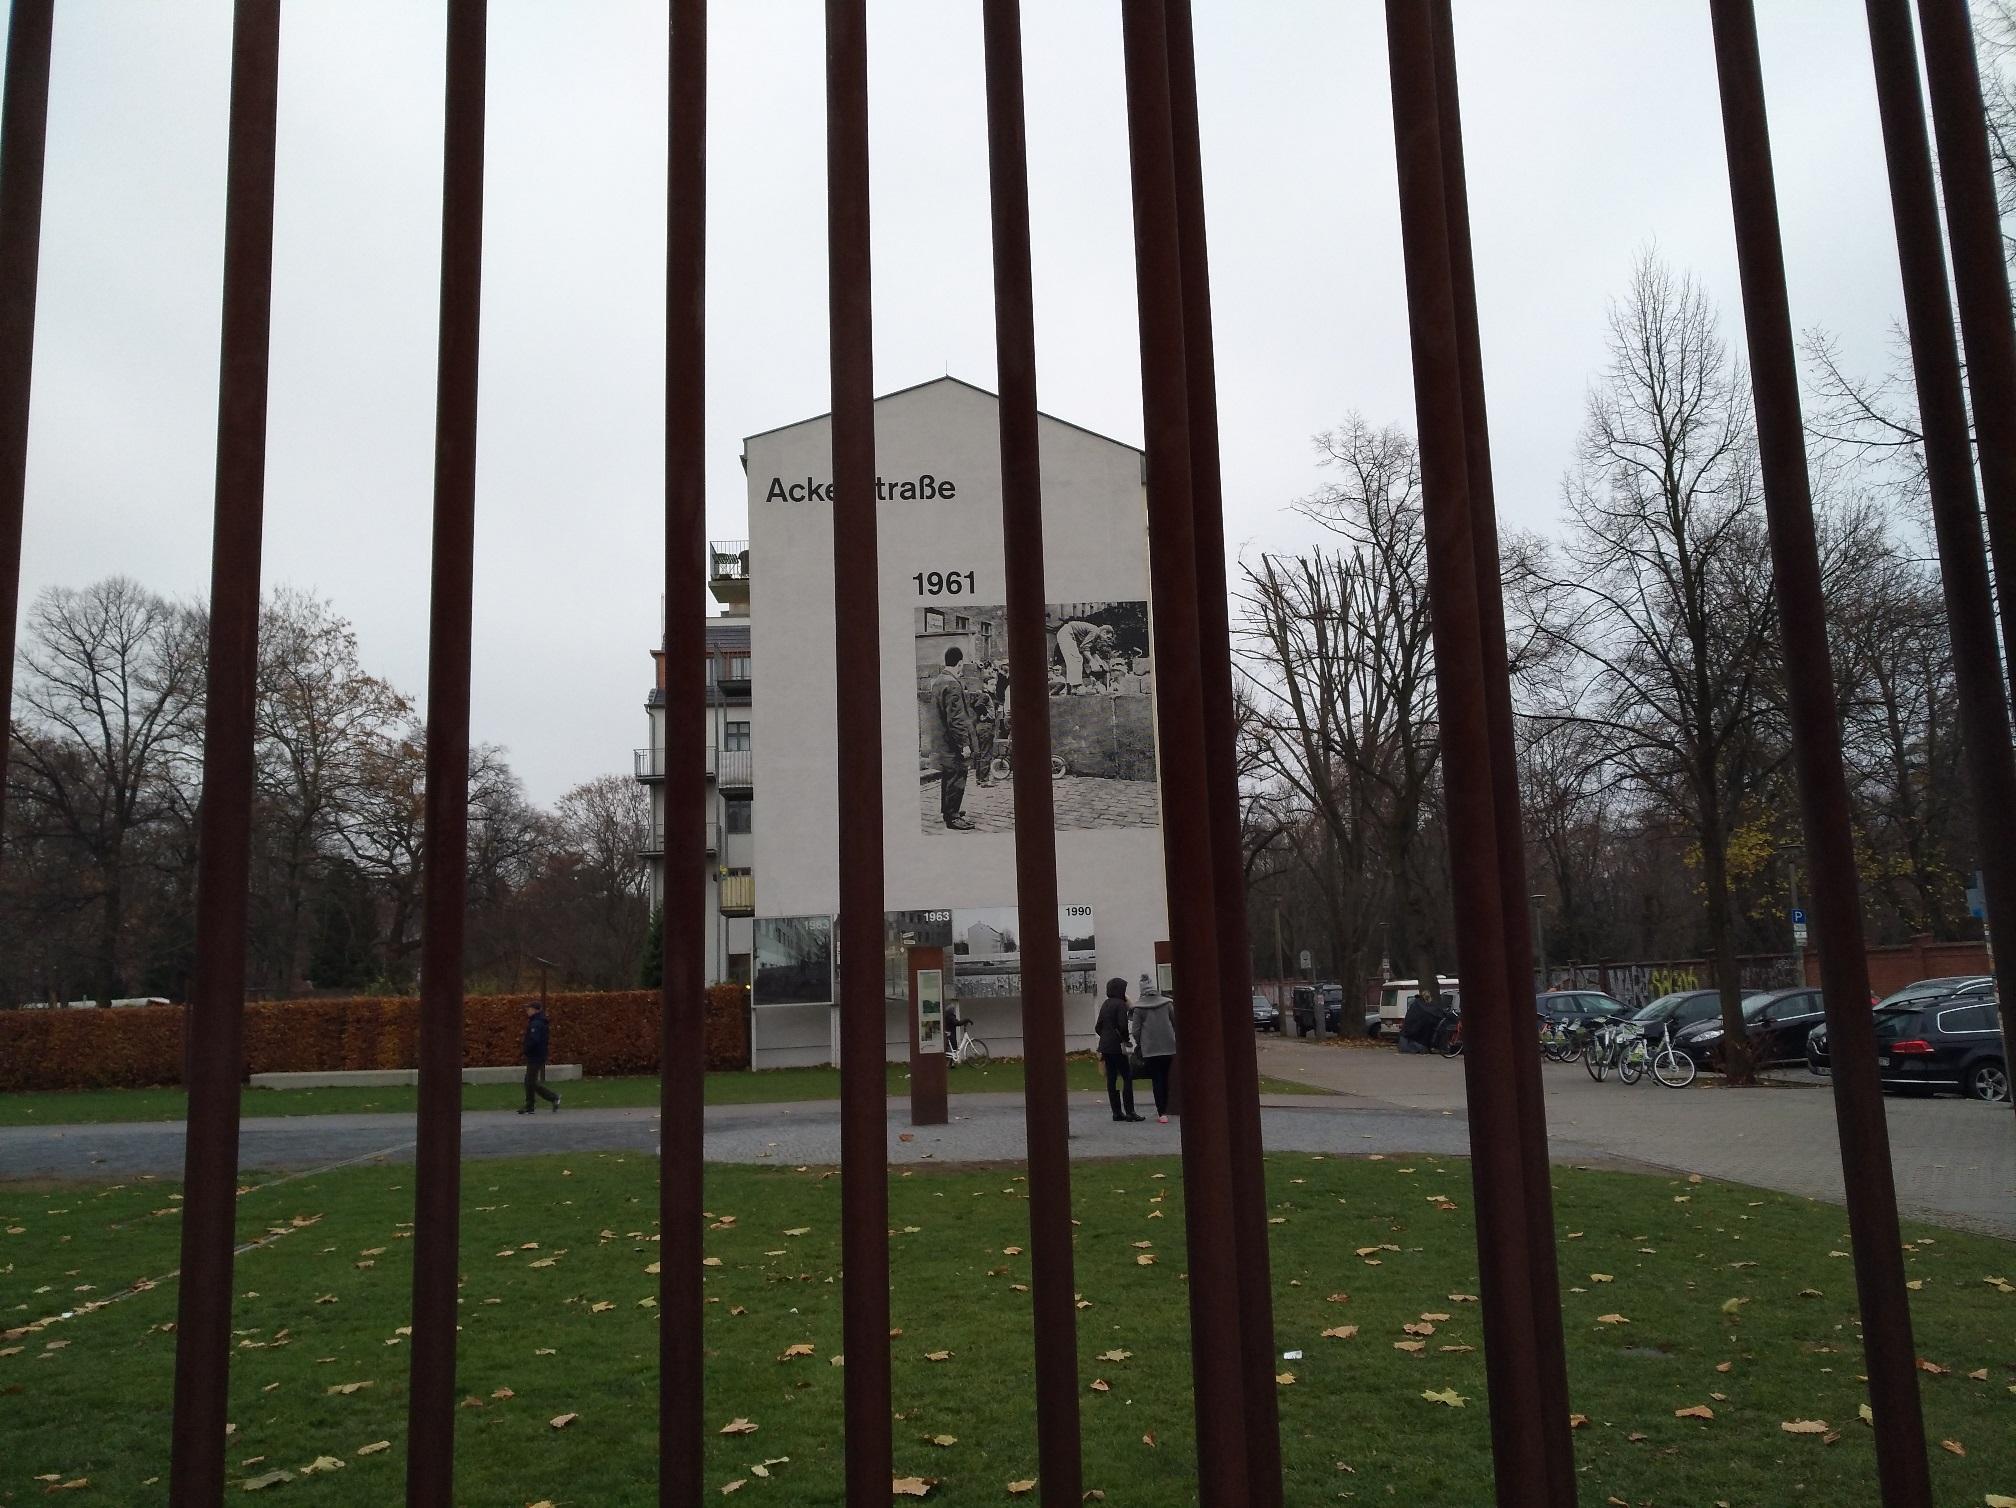 Memoriale nel luogo in cui sorgeva il muro di Berlino. Foto di Paola Gemelli